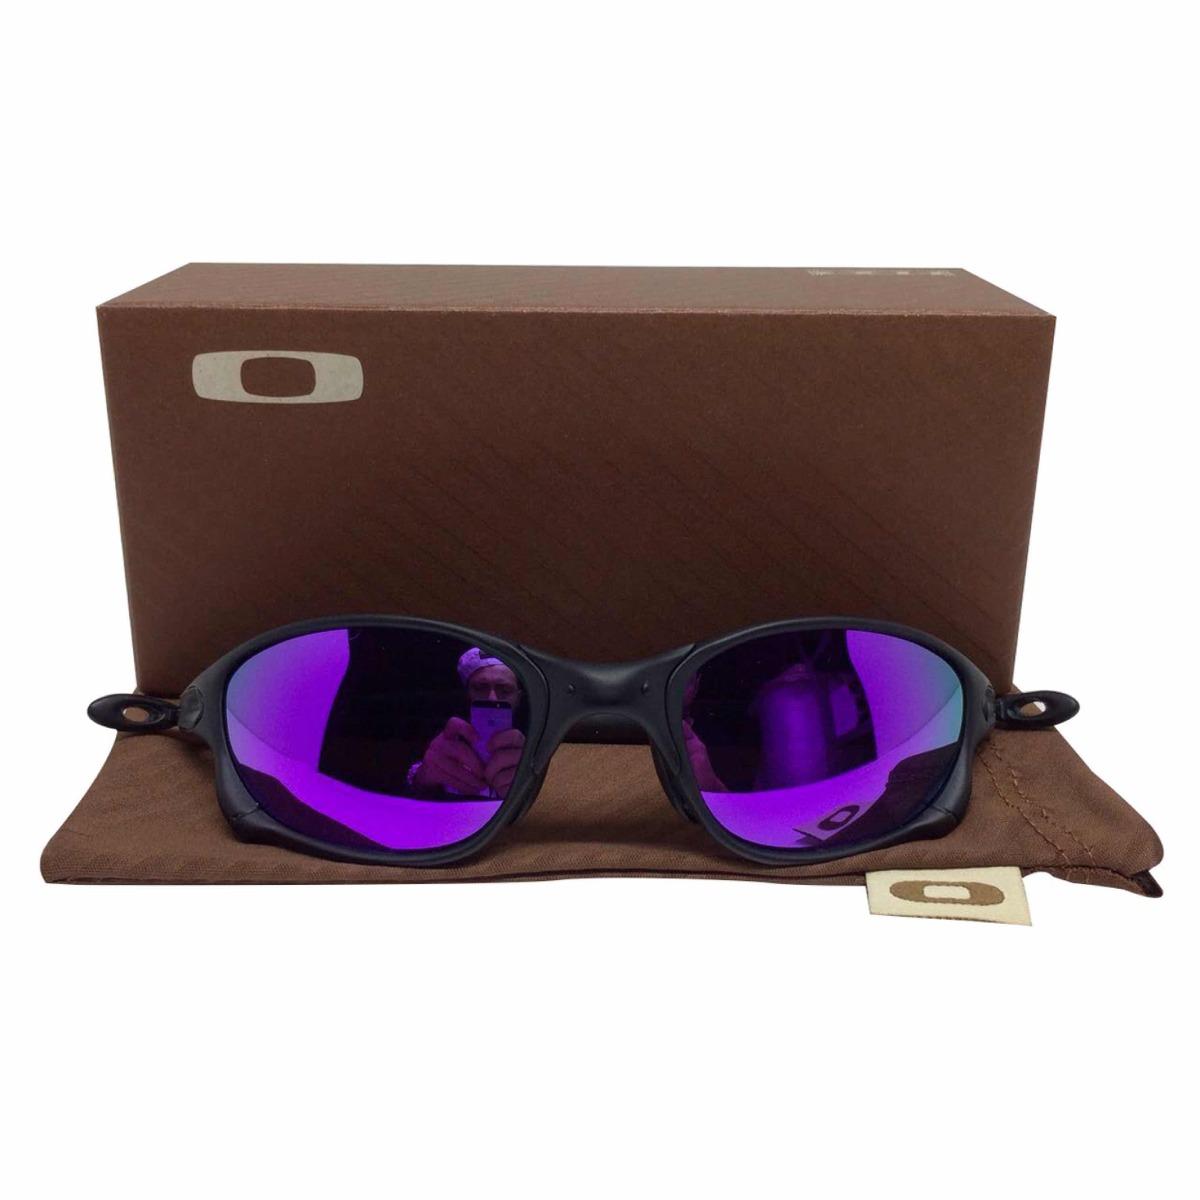 oculos oakley juliet doublex black lente roxa polarizadas. Carregando zoom. 91fa741148